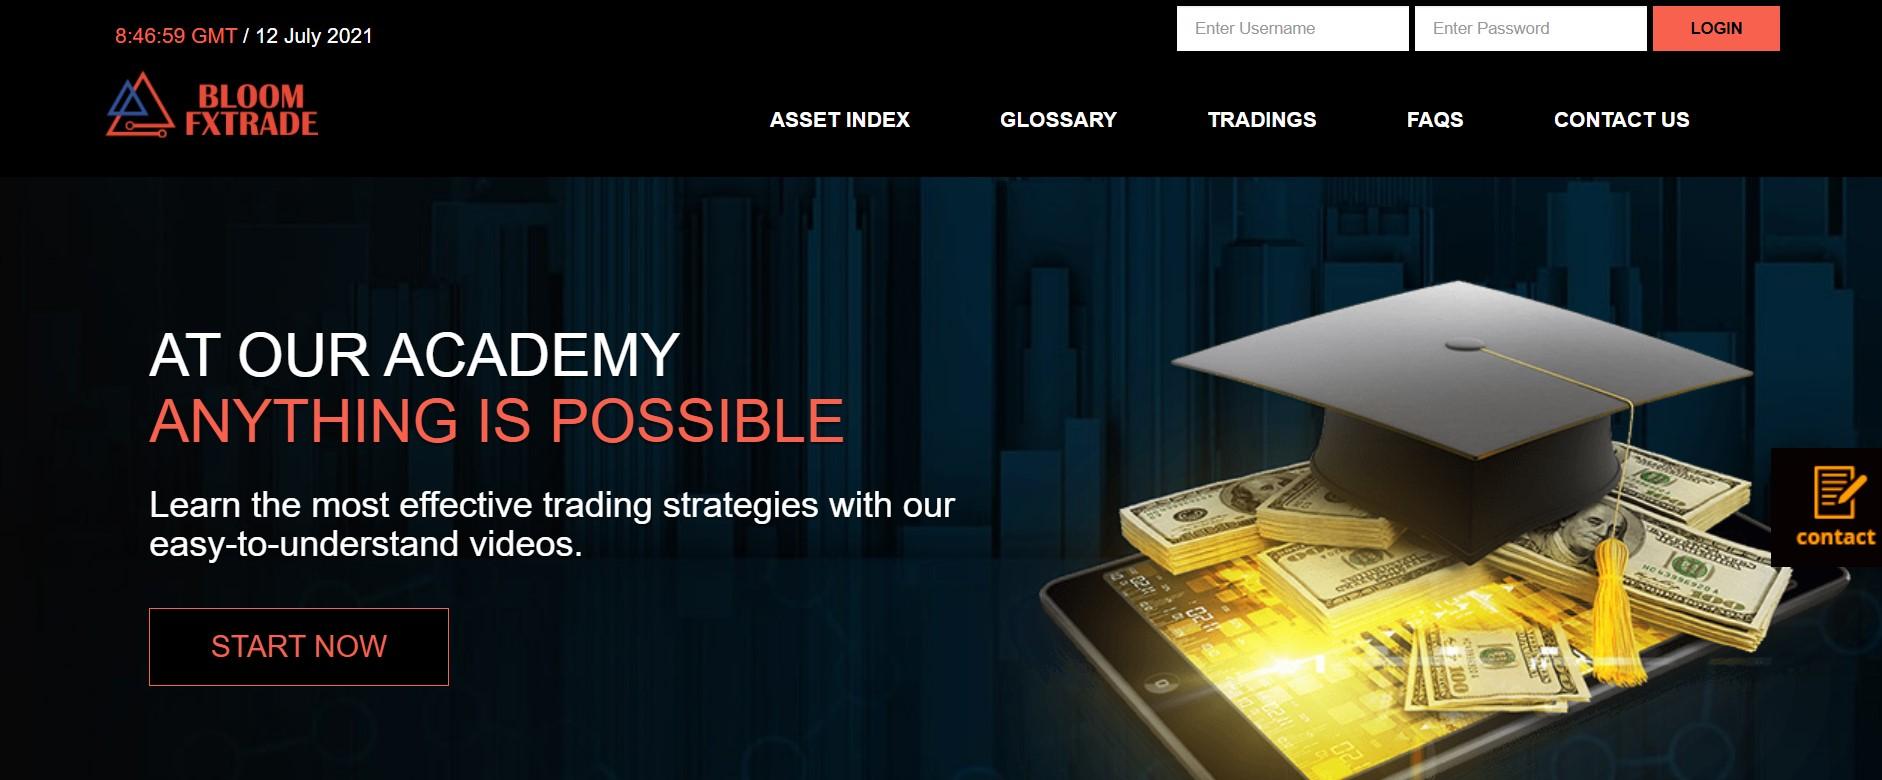 BloomFXTrade website